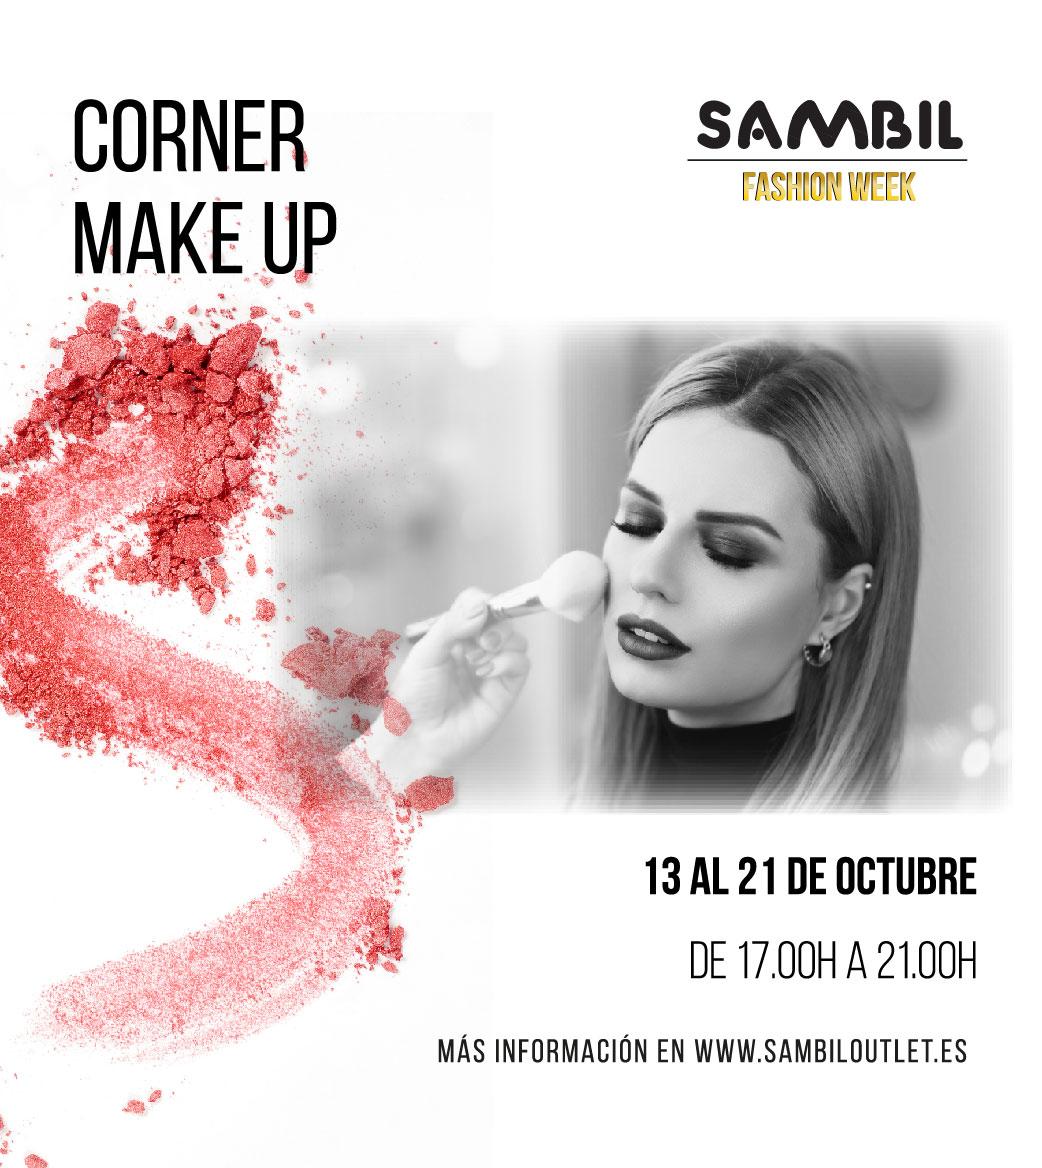 Corner de Maquillaje